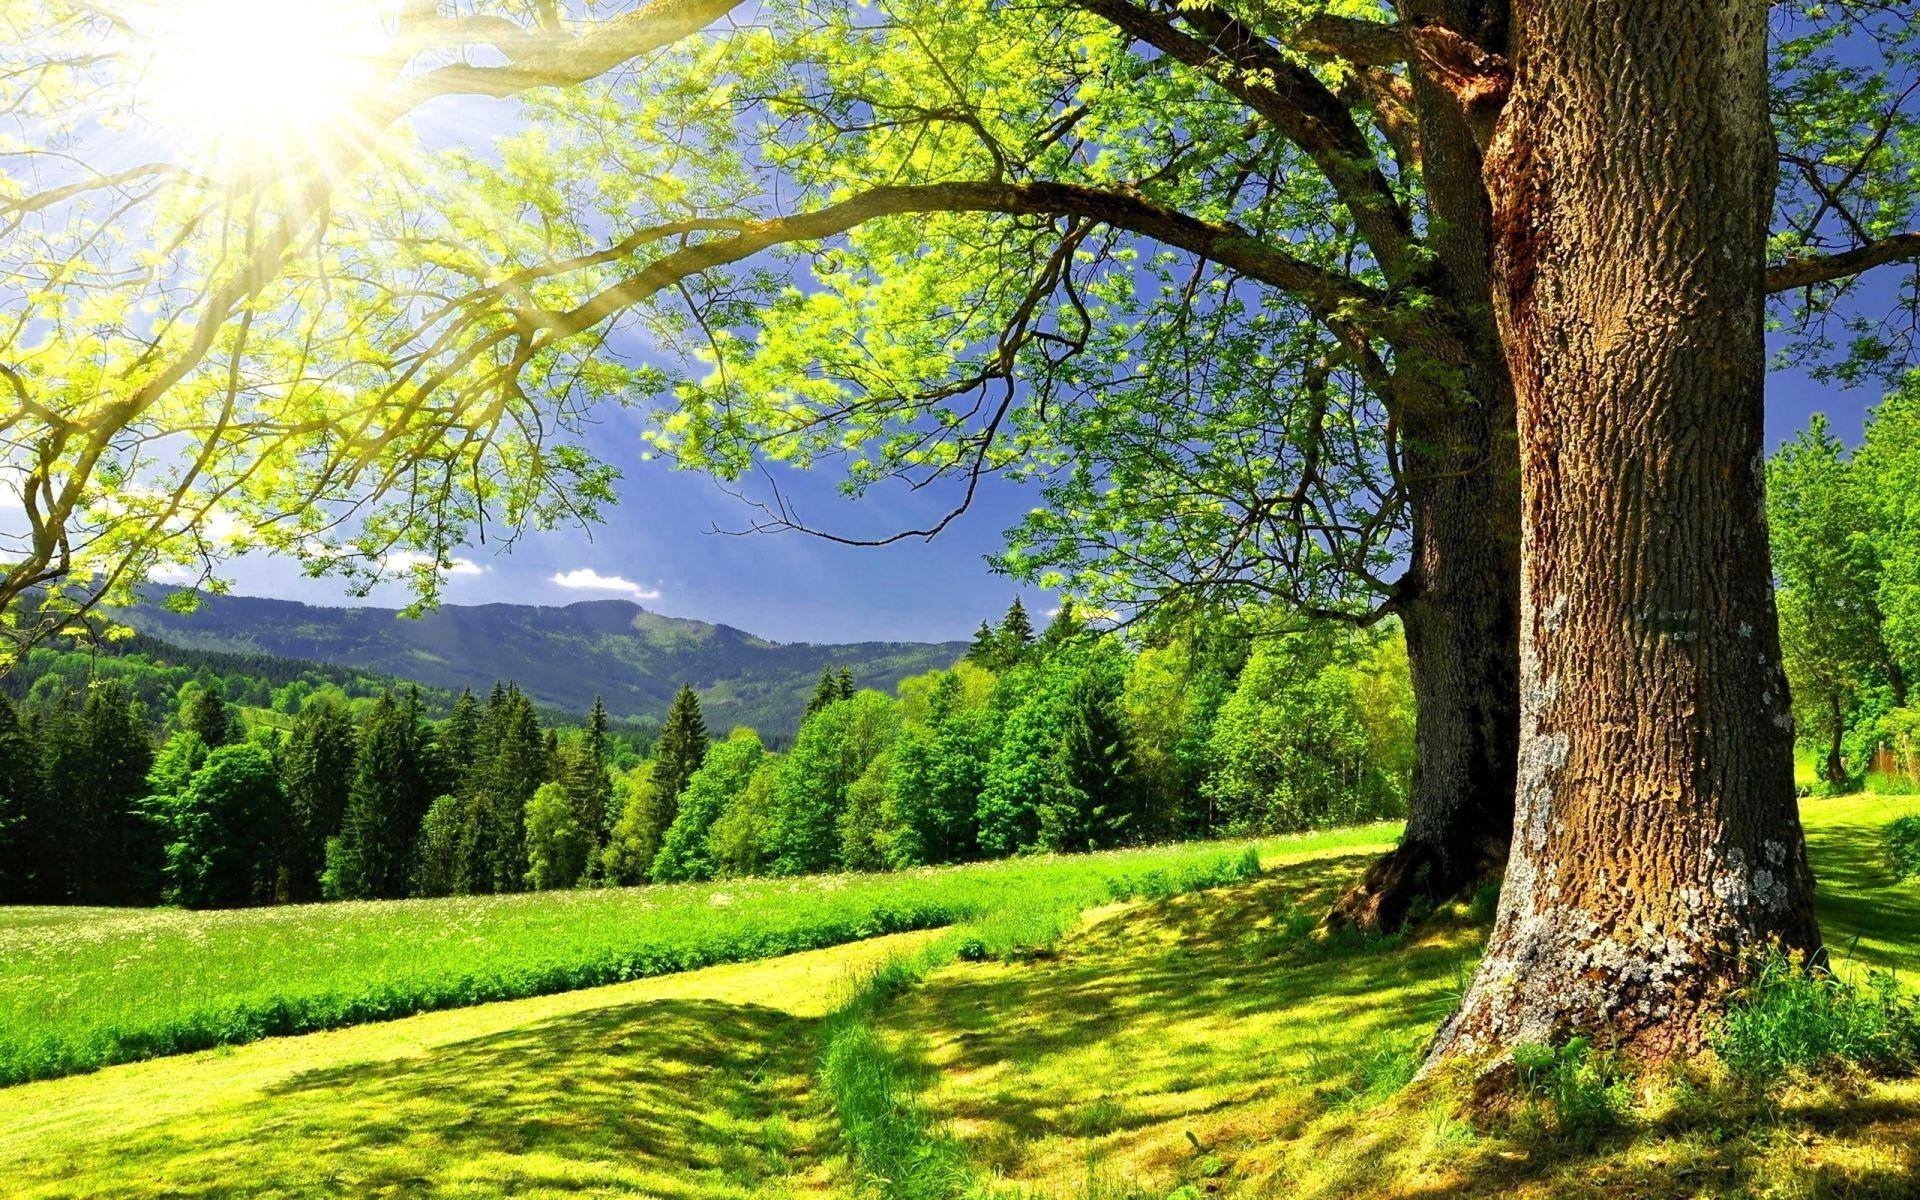 Пейзаж лес лето деревья скачать обои